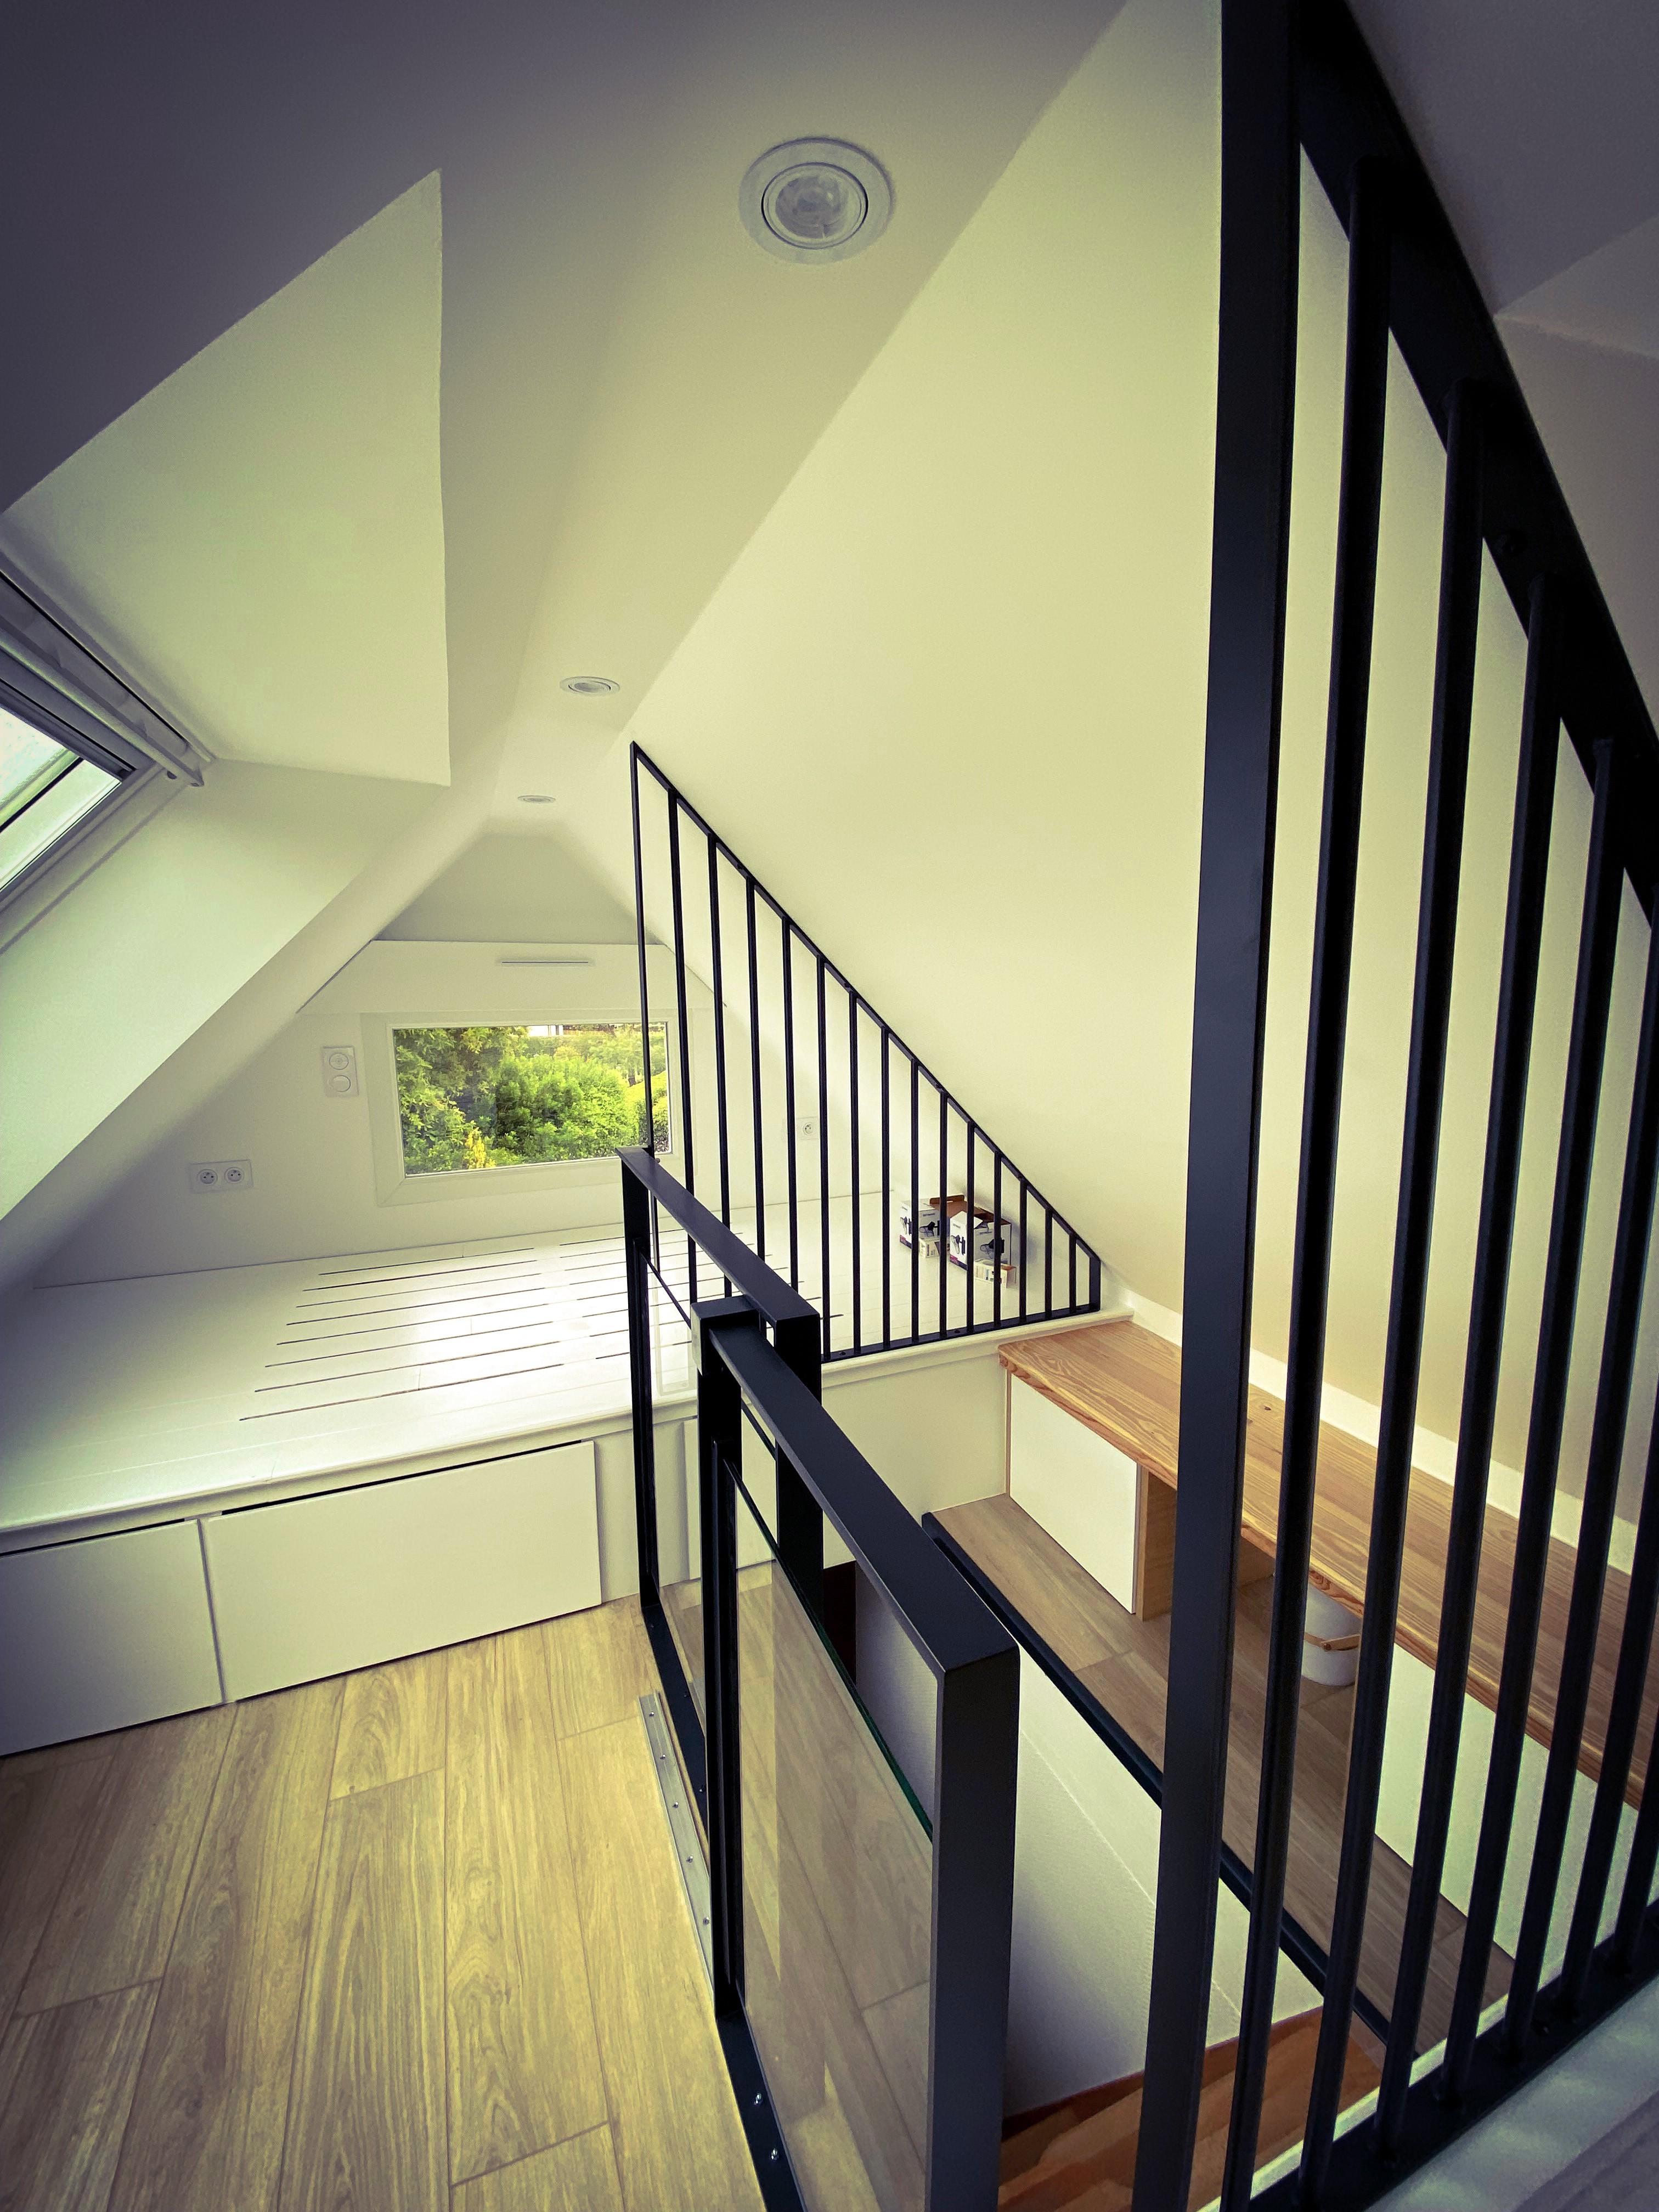 Cloison intérieure en barreaudage vertical - Art Métal Concept